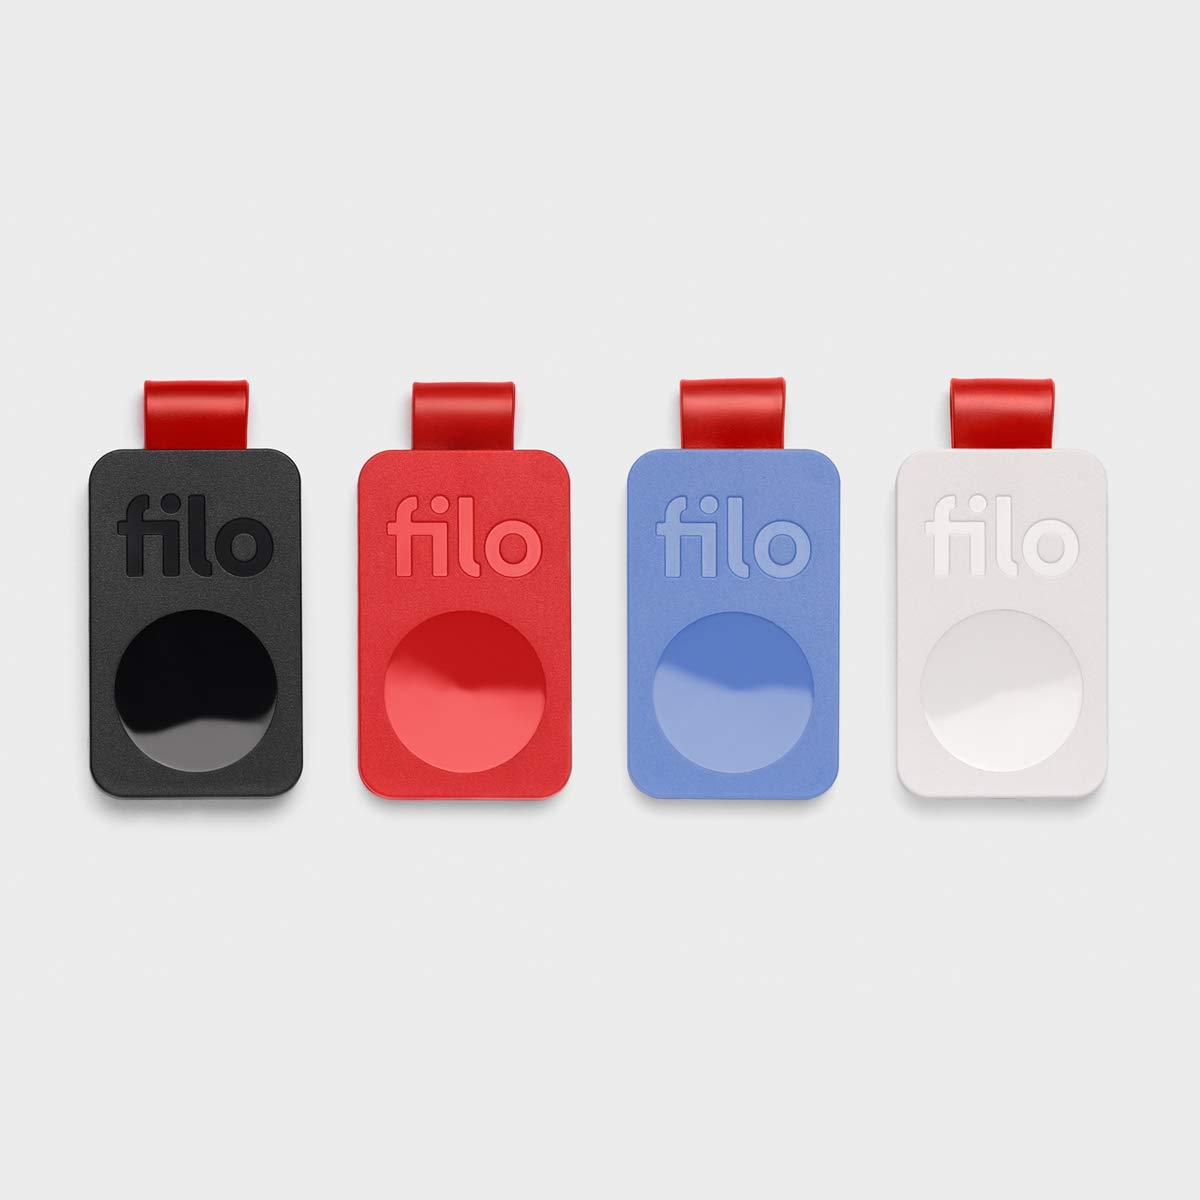 FiloTag Localizador de Objetos para Encontrar Las Cosas Perdidas | Nueva Serie Julio 2019 | Tracker Bluetooth Made in Italy. Tamaños: 25 x 41 x 5 mm | ...